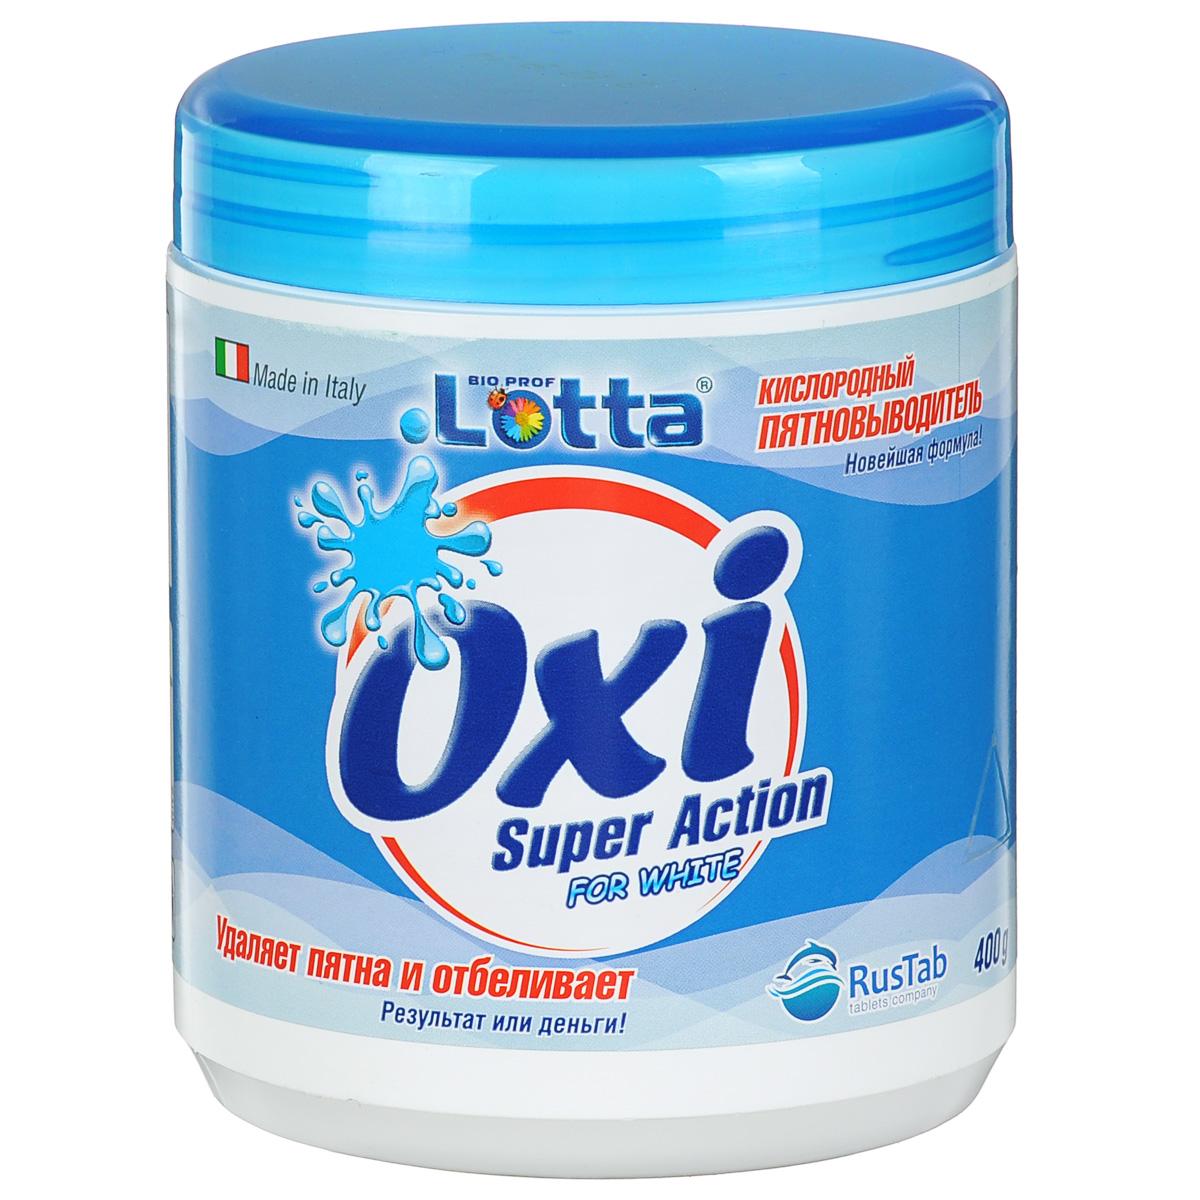 Пятновыводитель для белого белья Lotta Oxi, кислородный, 400 г16319Кислородный пятновыводитель Lotta Oxi предназначен для белого белья. Он превосходно удаляет загрязнения даже в холодной воде, благодаря содержанию молекул активного кислорода. Новая формула Super Action удаляет пятна от кофе, чая, жира, вина, уличной грязи, травы, ягод, сока, крови и т.п. Пятновыводитель можно использовать как для ручной стирки, так и для стирки в автоматизированных стиральных машинах. Обладает антибактериальным и дезодорирующим эффектом. Восстанавливает белый цвет ткани. Эффективен даже при низкой температуре. Не содержит хлора. В комплект входит пластиковая мерная ложечка. Не использовать для шерсти, шелка, кожи и тонких тканей. Состав: 40% кислородосодержащий пятновыводитель, неионогенные и анионные ПАВ около 5%, ферменты, энзимы, цеолиты, ароматизатор. Товар сертифицирован.